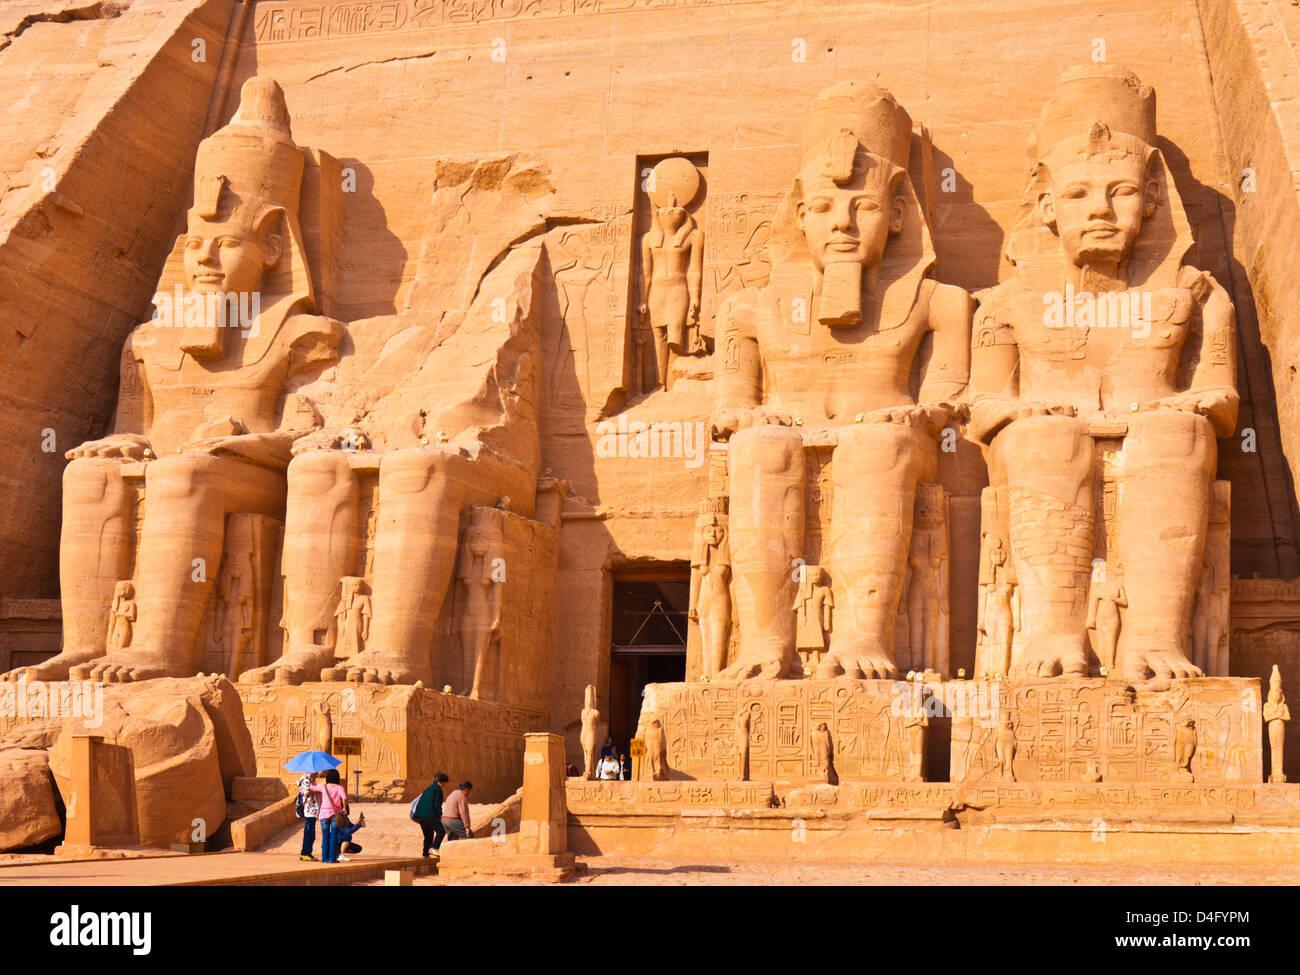 Turisti di viaggi al di fuori dell'ingresso del Grande Tempio di Ramses II Abu Simbel Aswan Egitto Medio Oriente Immagini Stock